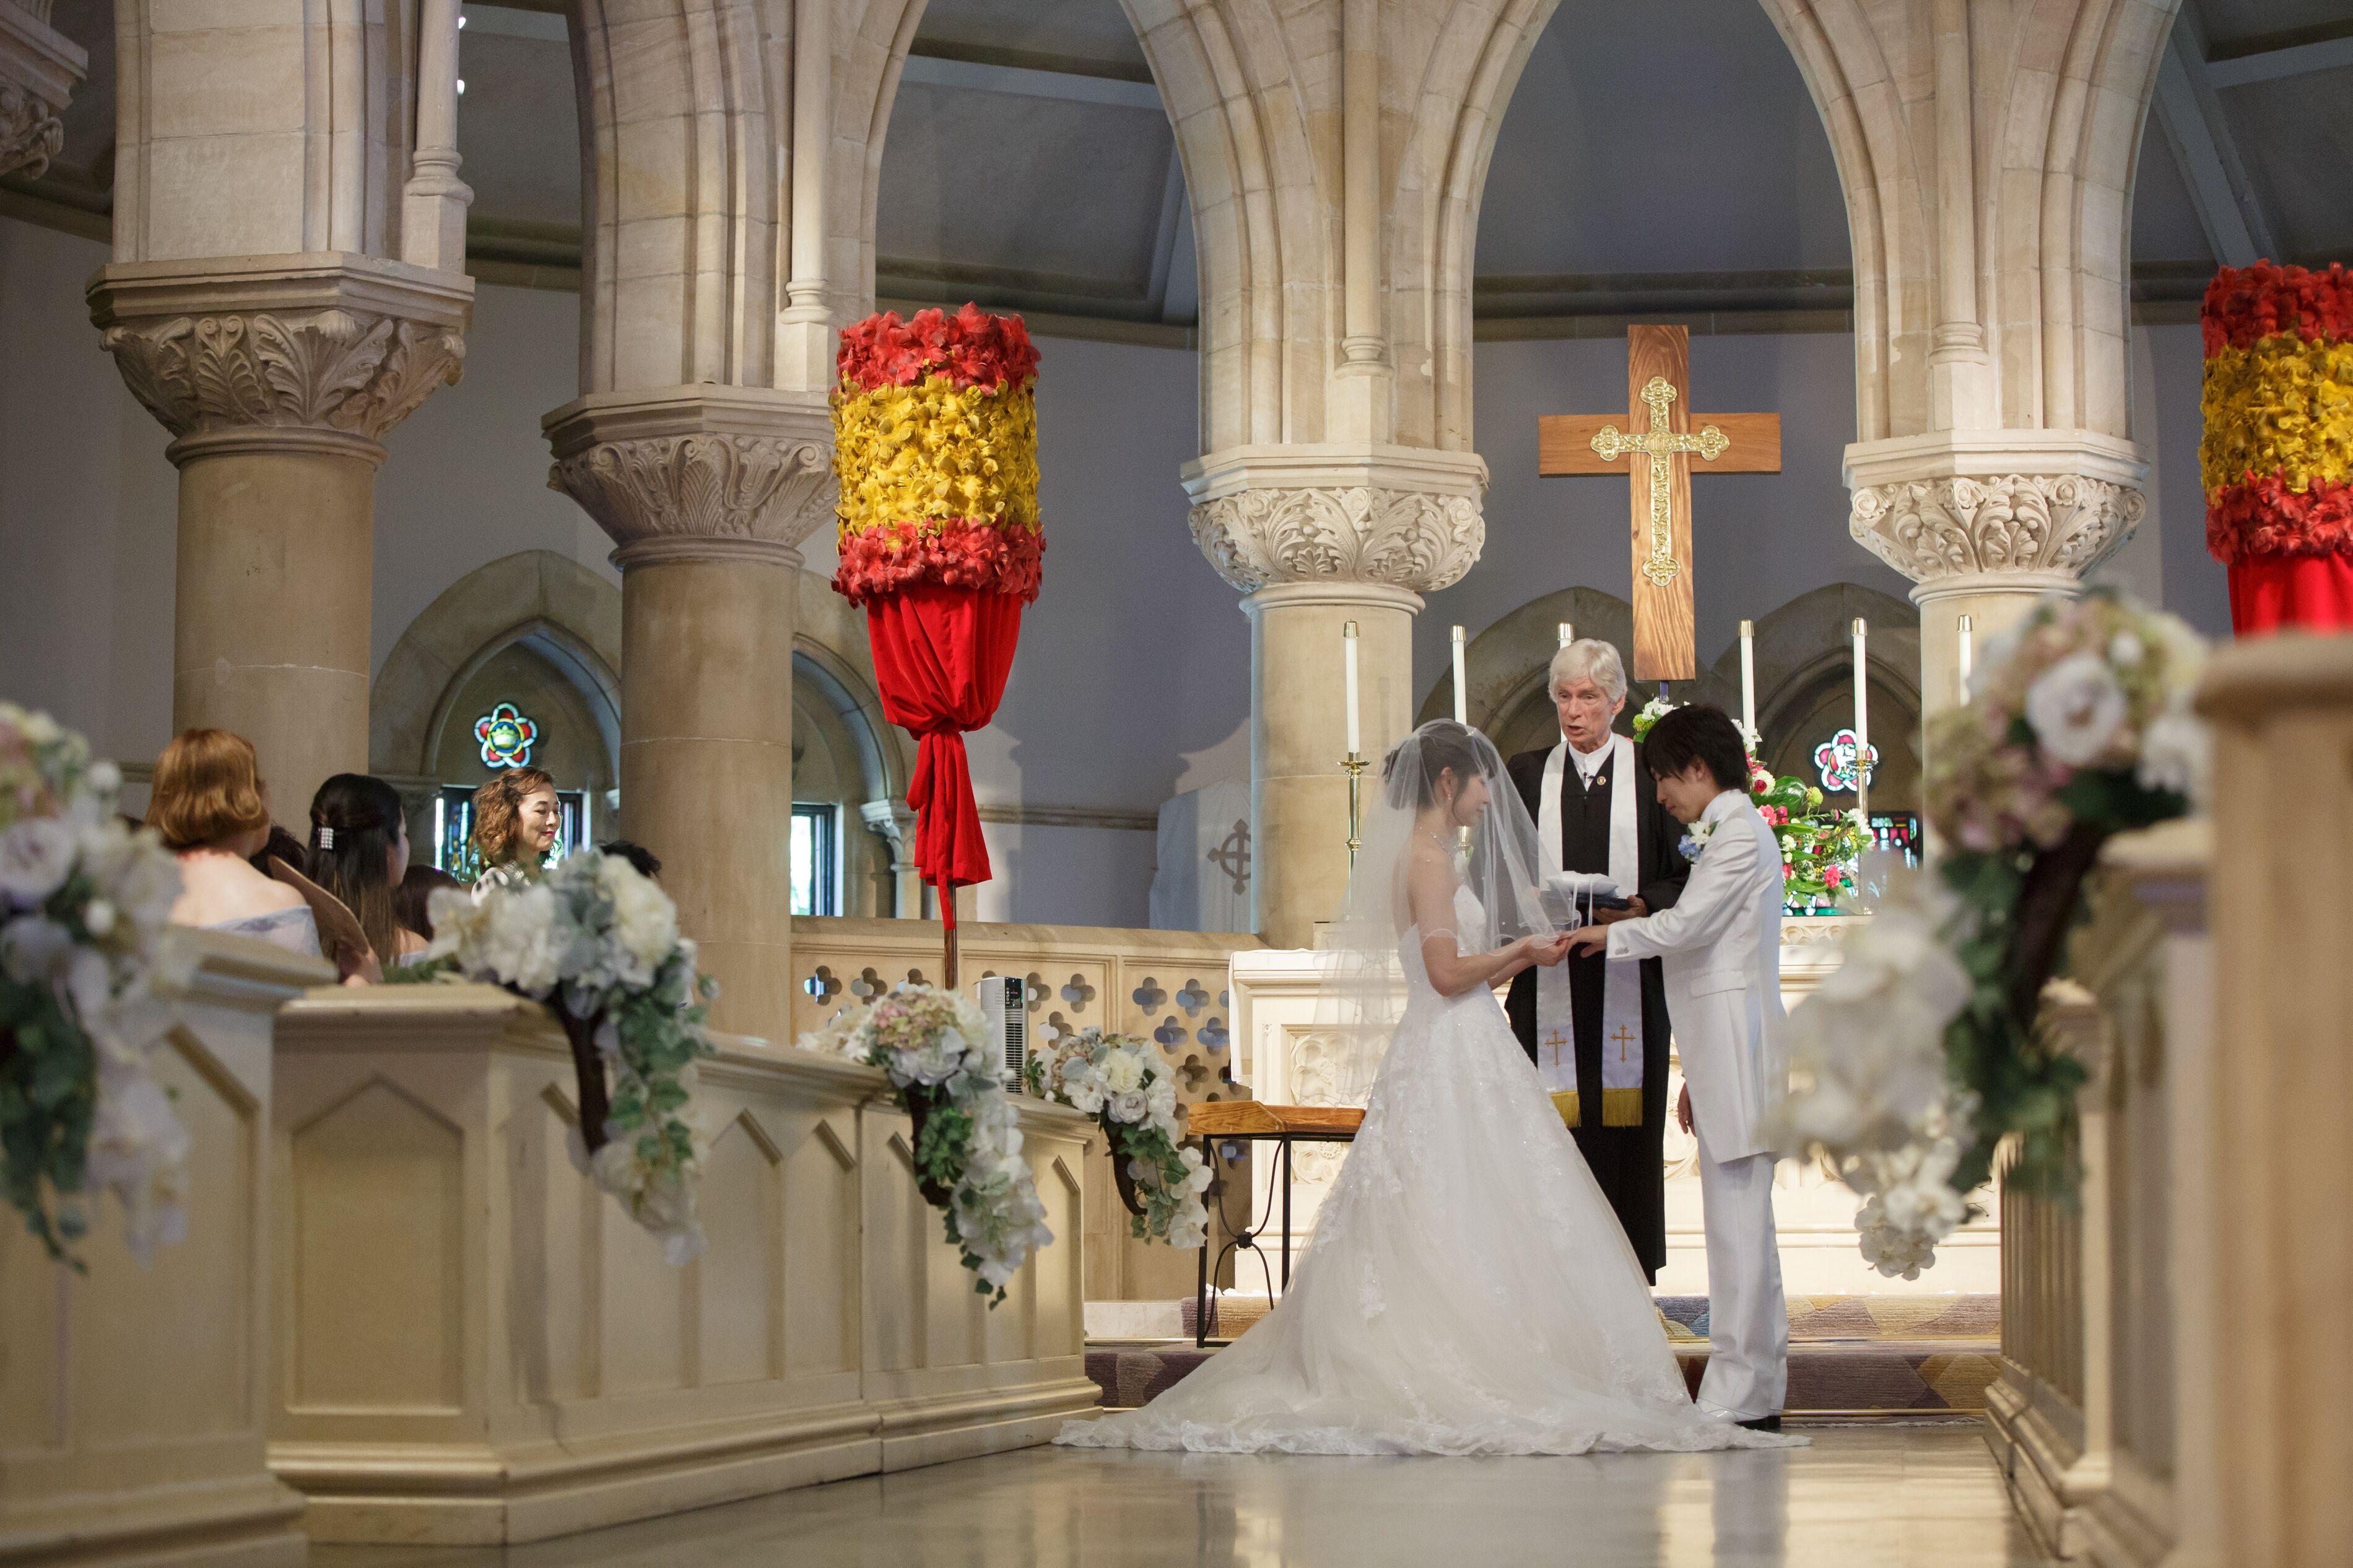 【ハワイ挙式】幻想的なステンドグラスが魅力的!セントアンドリュース大聖堂にて結婚式を挙げました♡♡_8